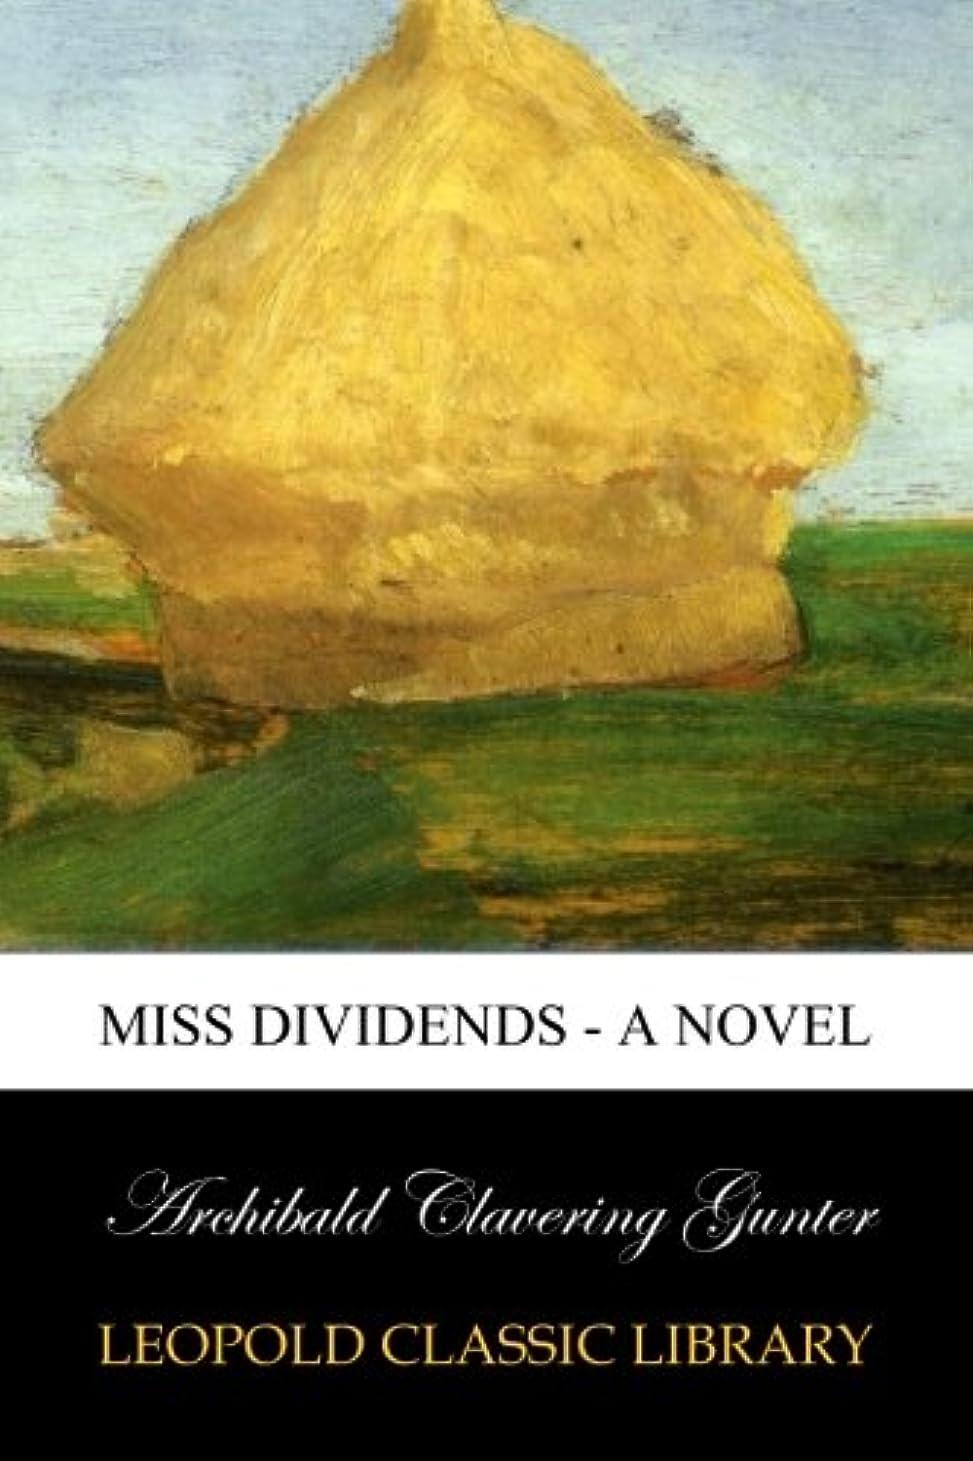 スペード指定落ち込んでいるMiss Dividends - A Novel